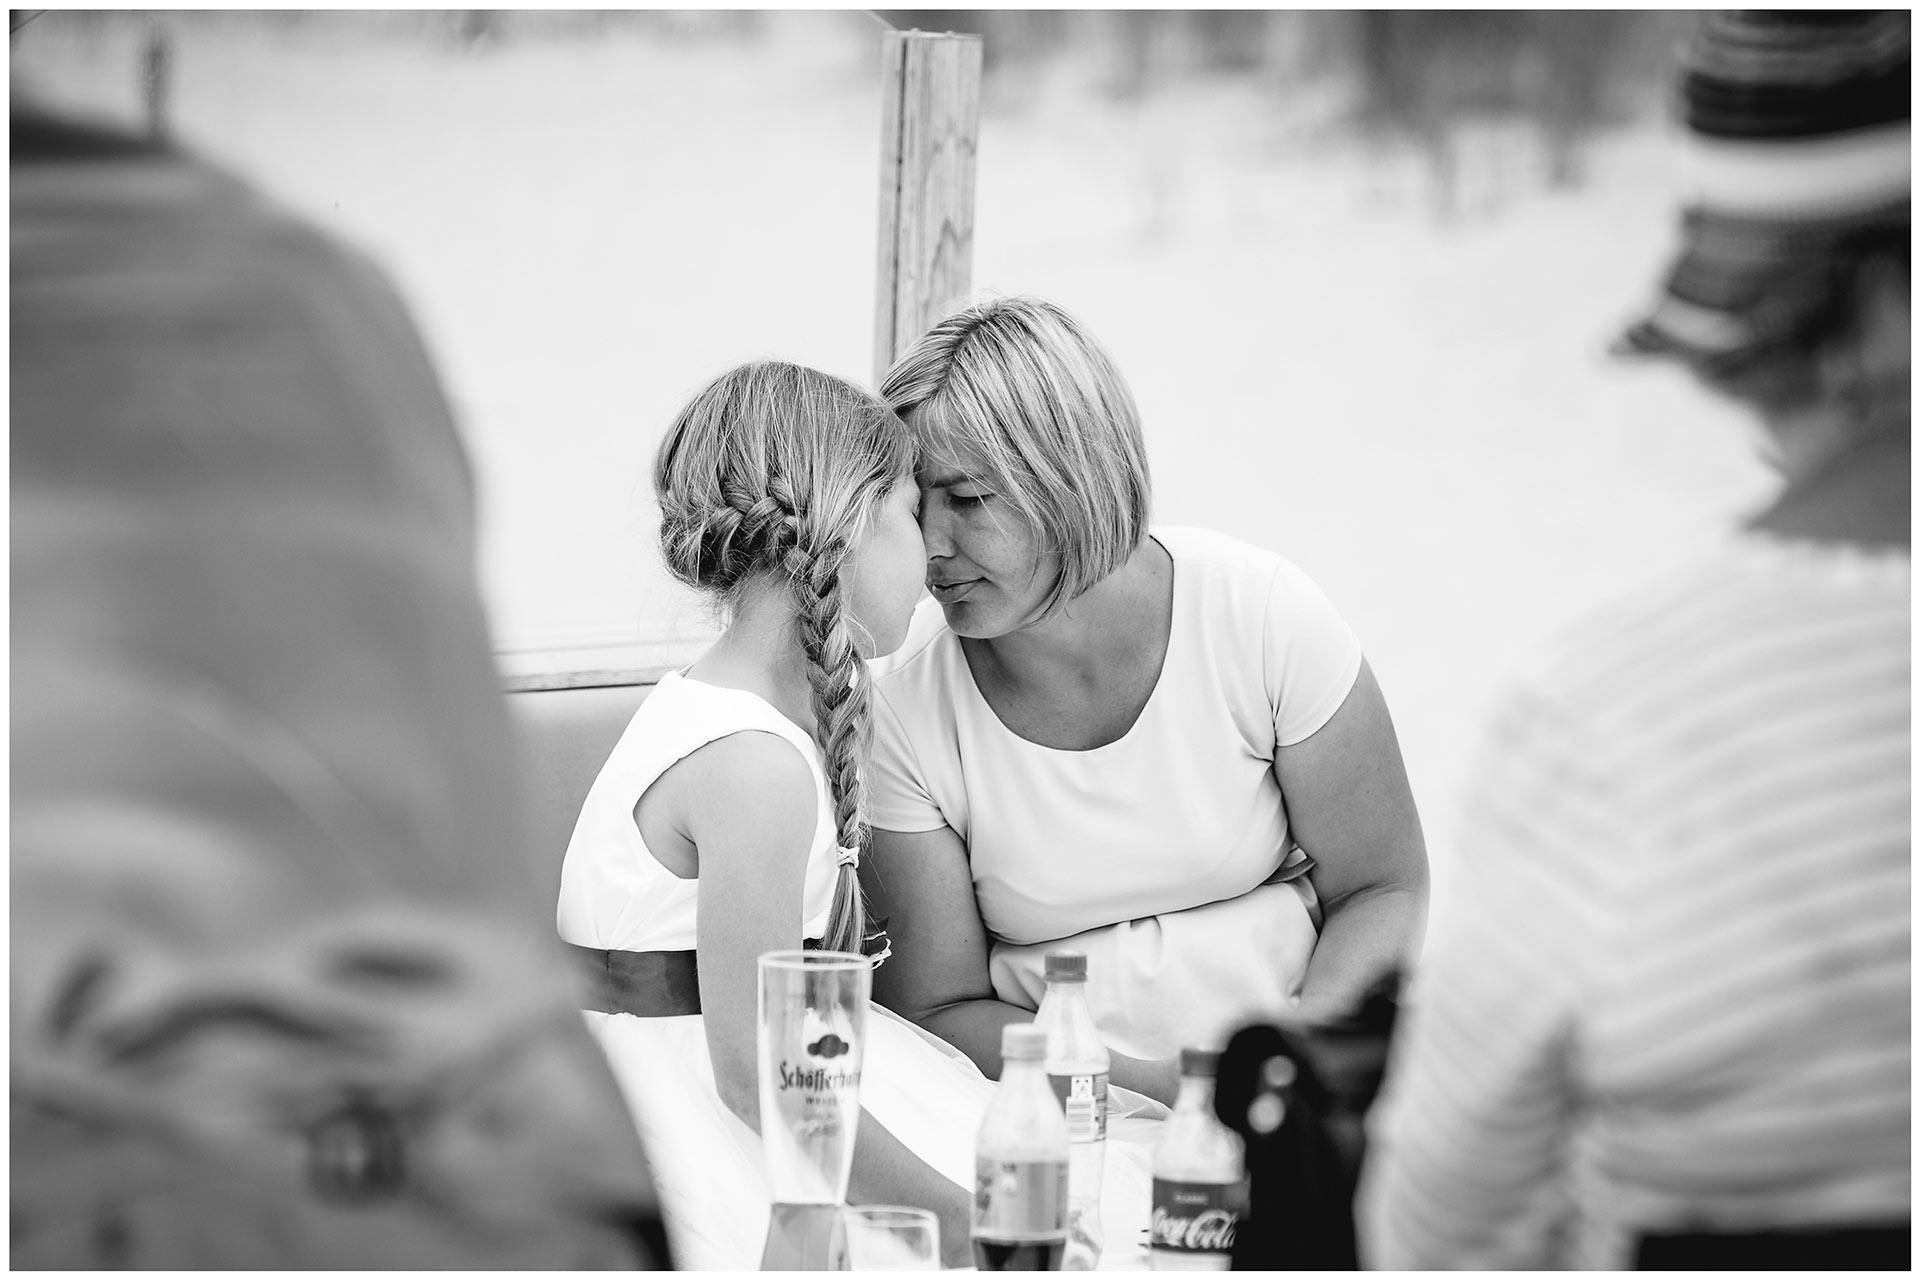 Mutter-und-Tochter-kuscheln-miteinander-Hochzeitsfotograf-Warnemuende-Hochzeitsfotograf-Rostock-Hochzeitsfotograf-Ostseebad-Warnemuende